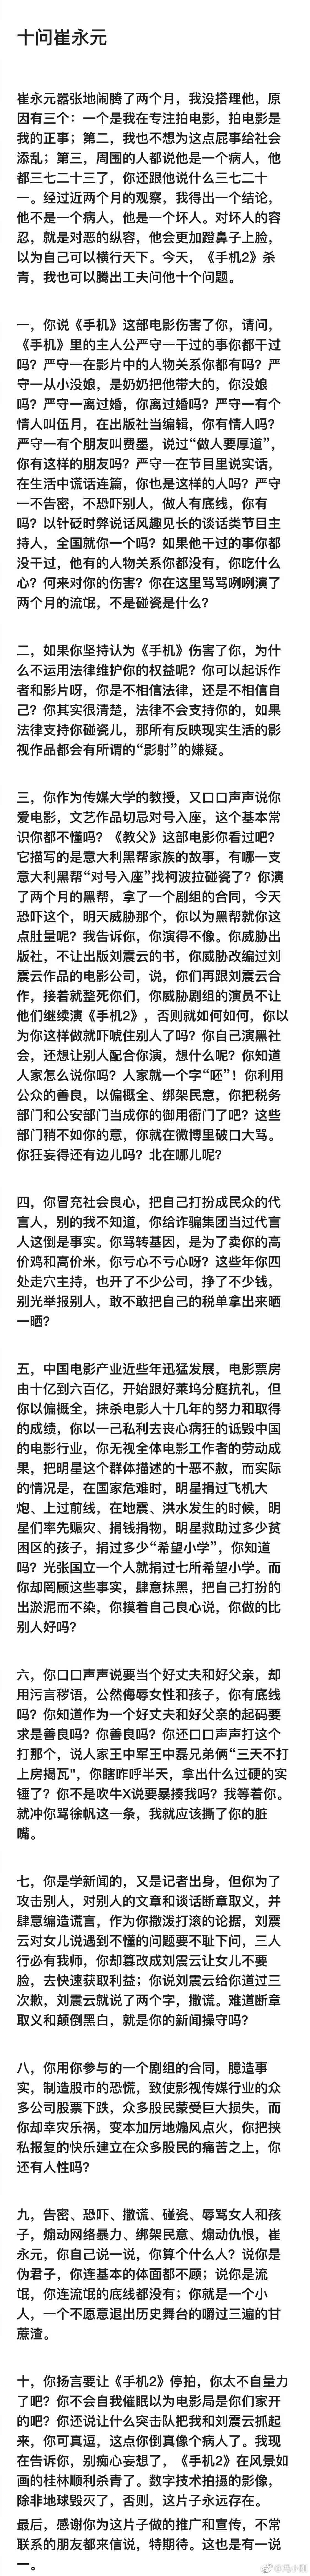 冯小刚发文《十问崔永元》反击 却引网友疯狂起哄